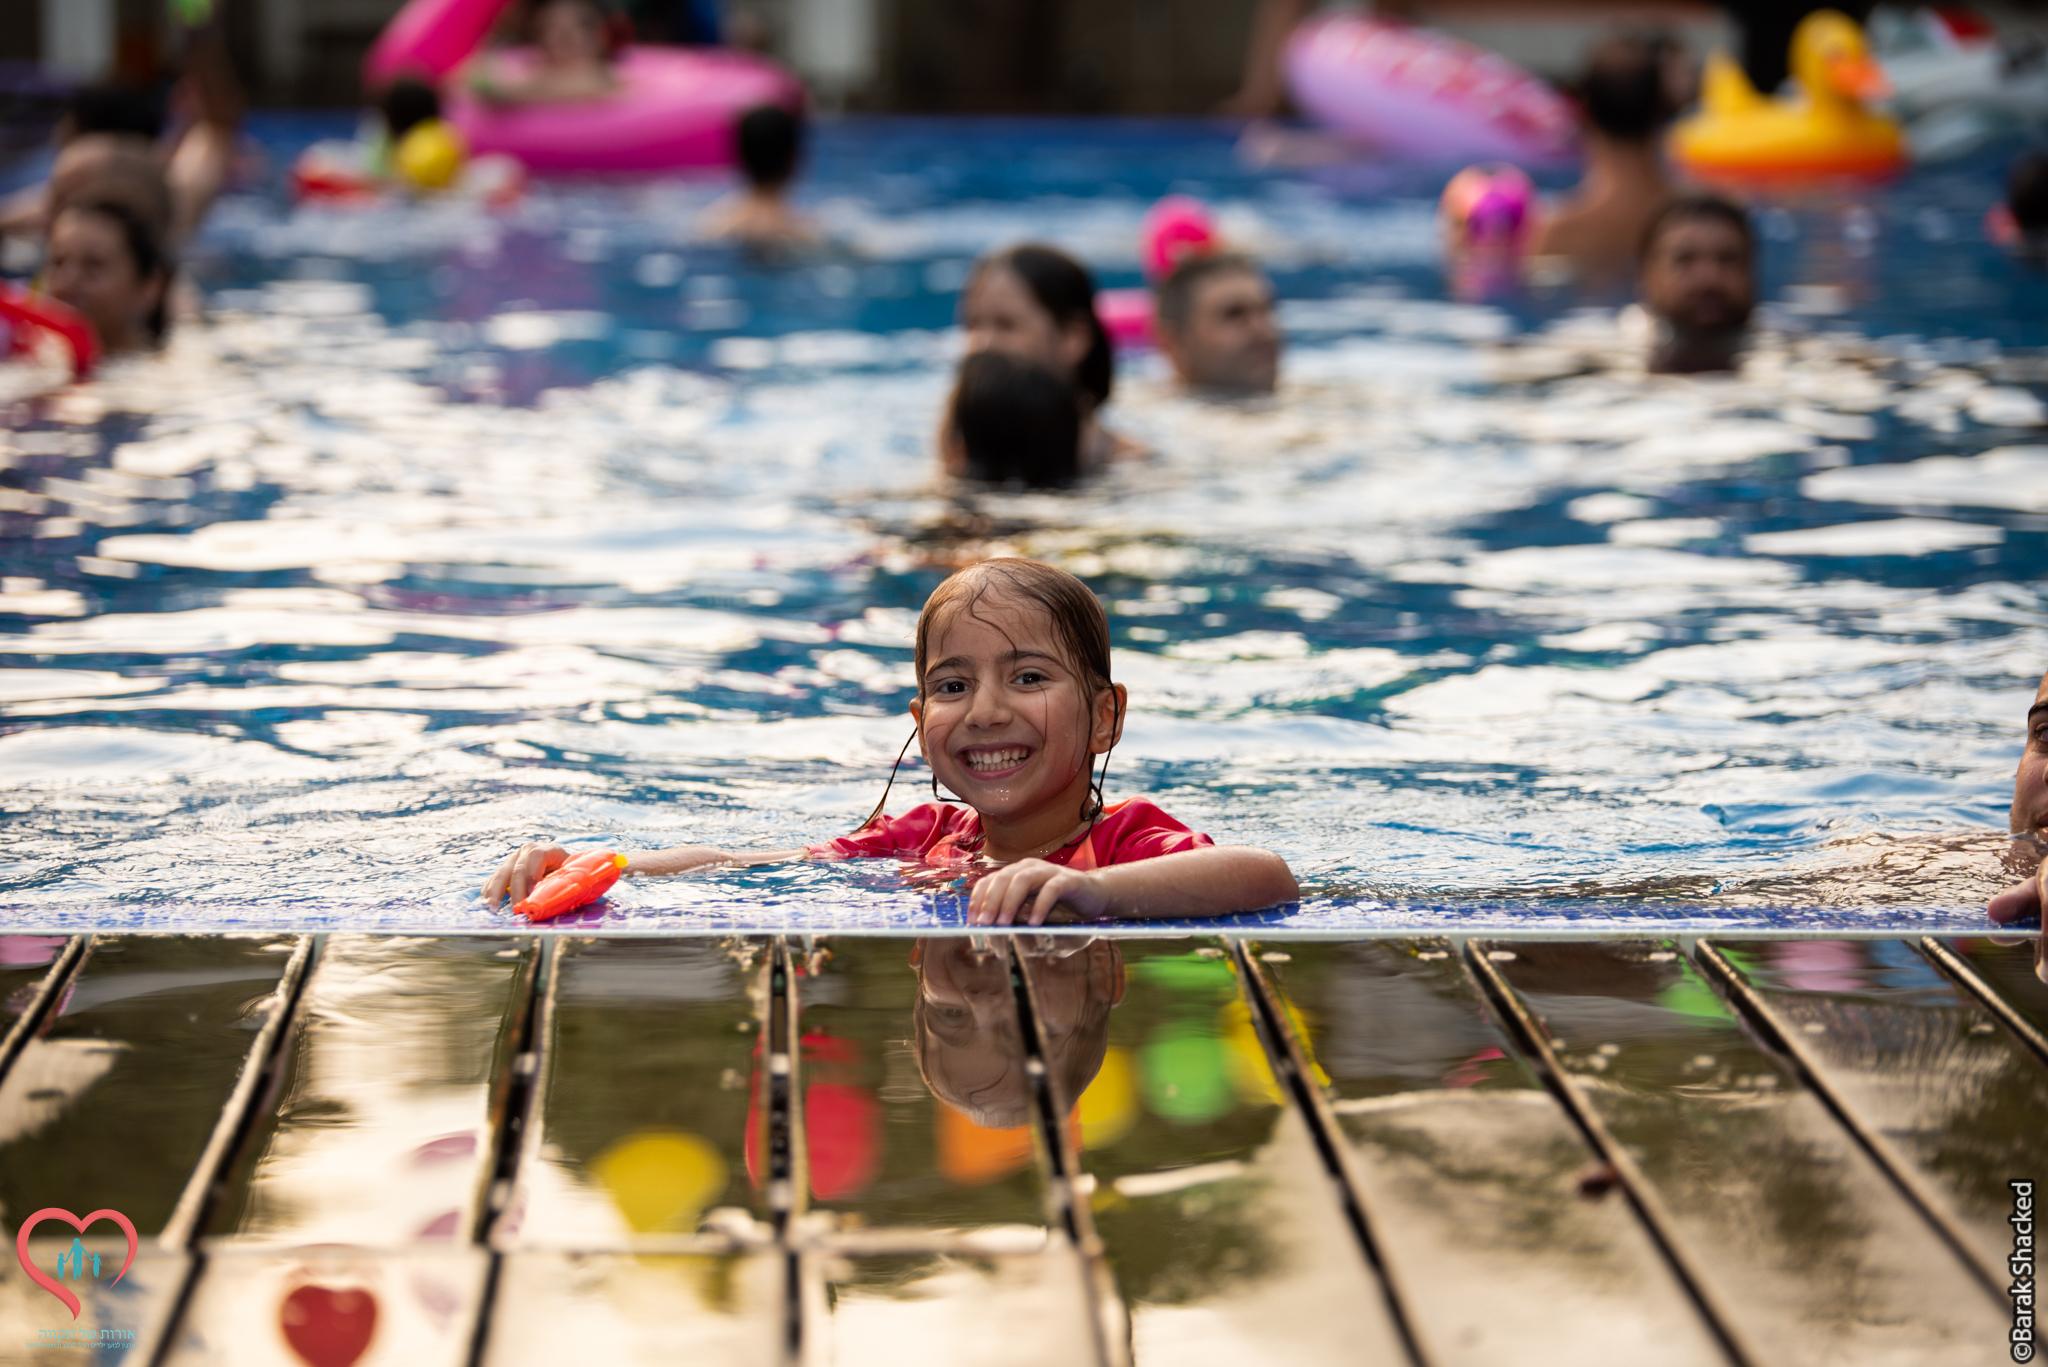 יפית, בת 6 - חלמה על יומולדת בבריכה עם כל המשפחה